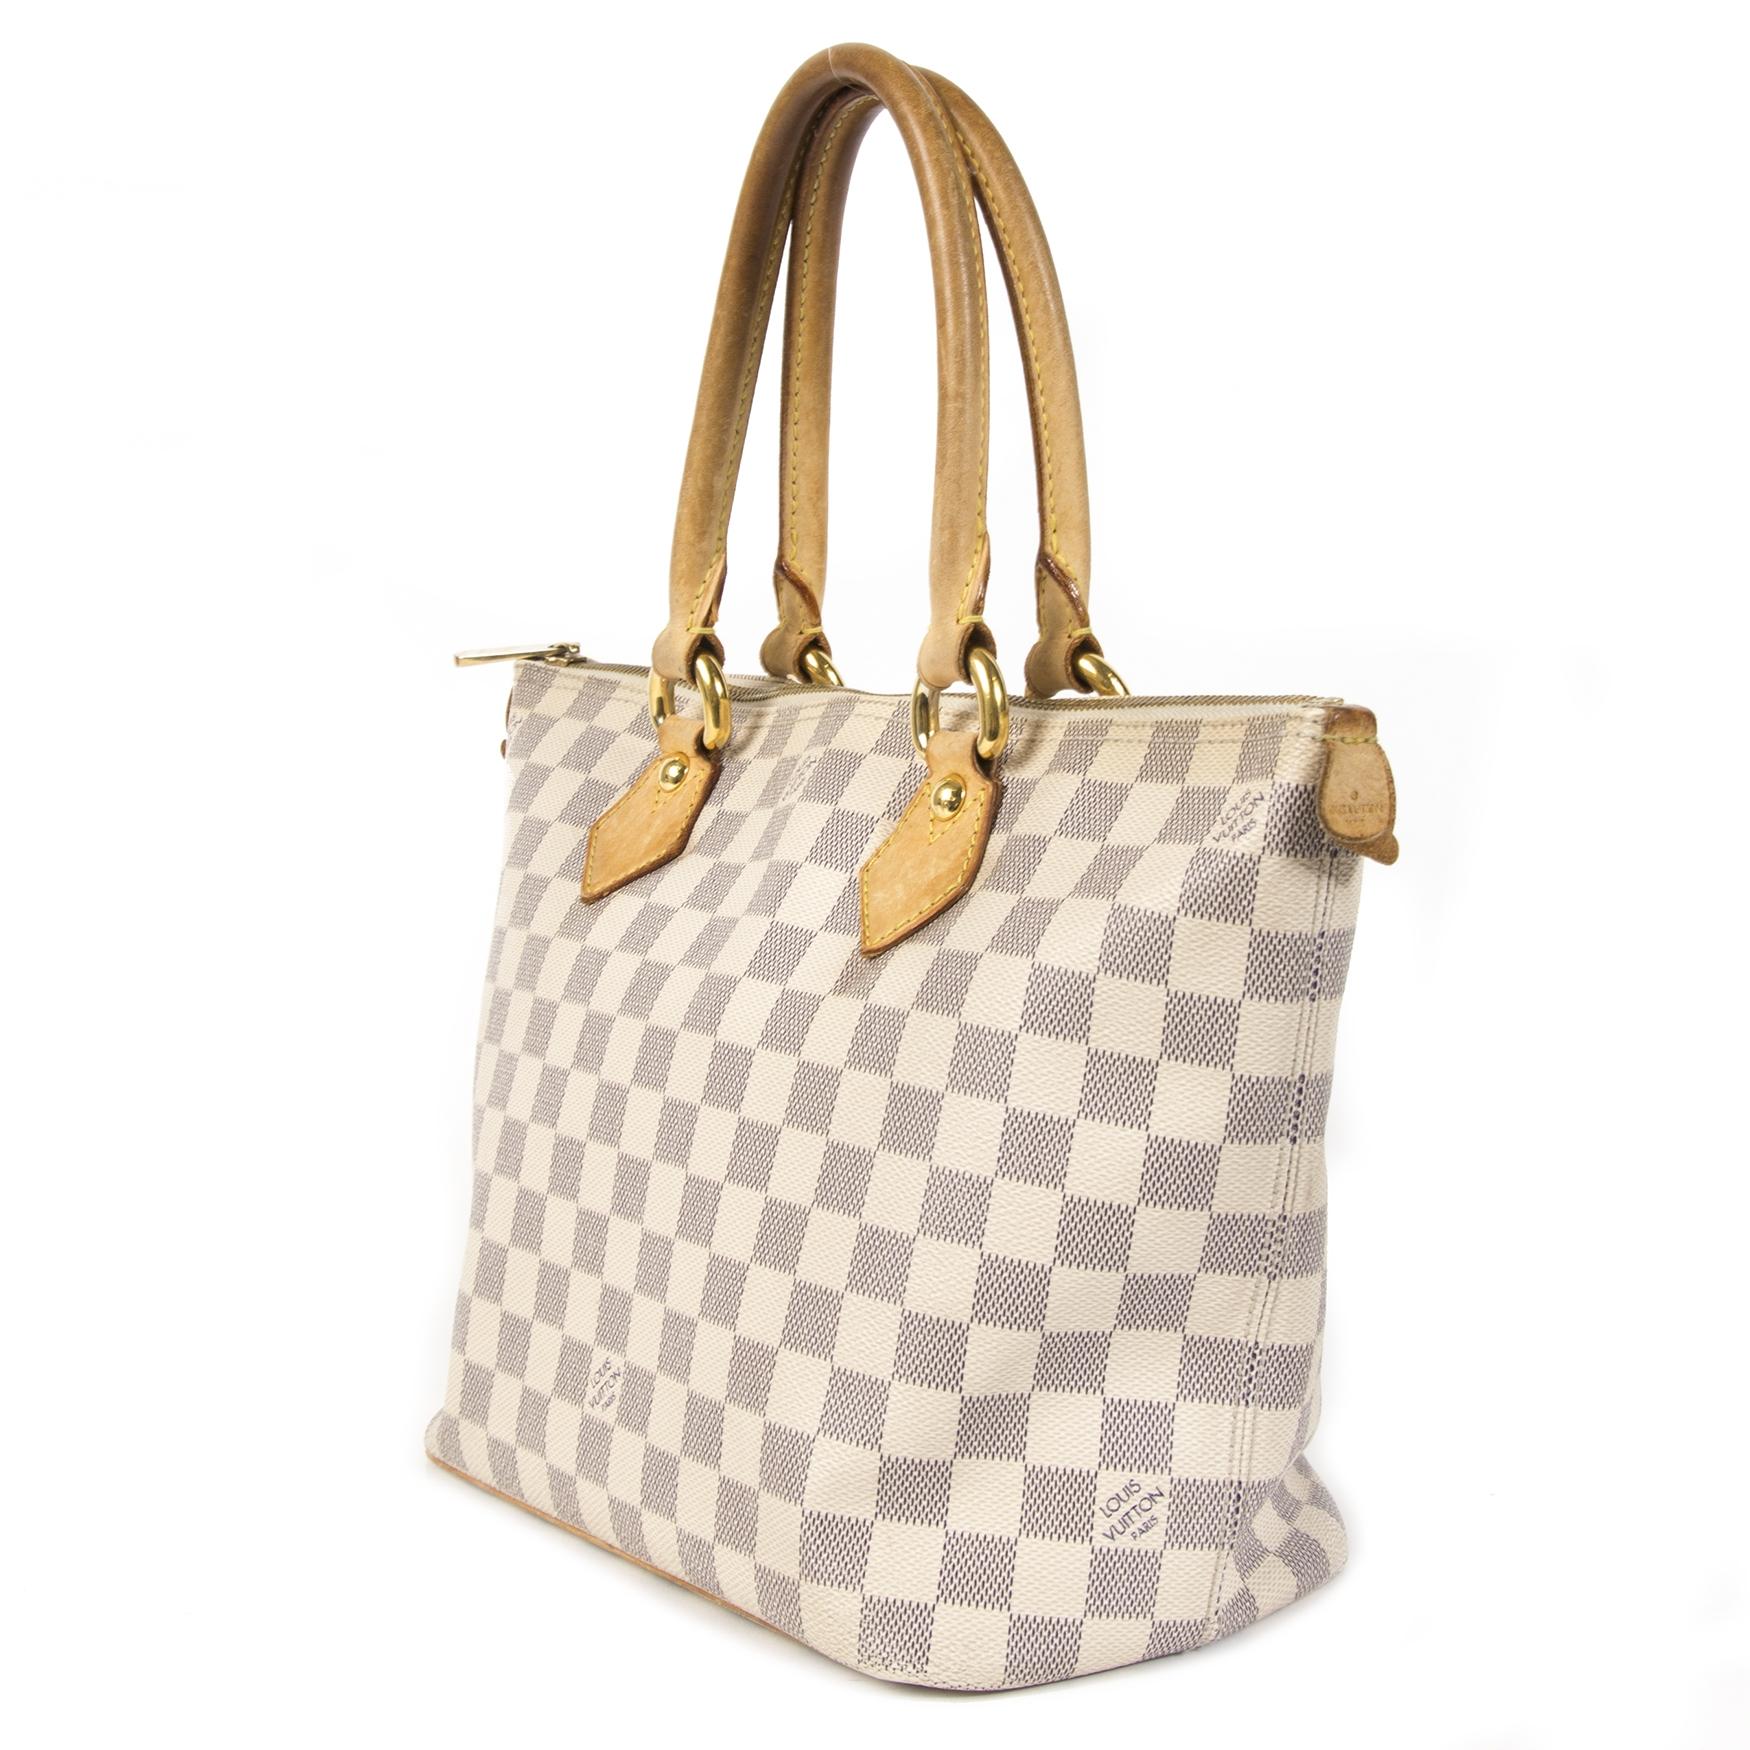 Koop en verkoop uw authentieke Louis Vuitton Damier Azur Saleya Bag